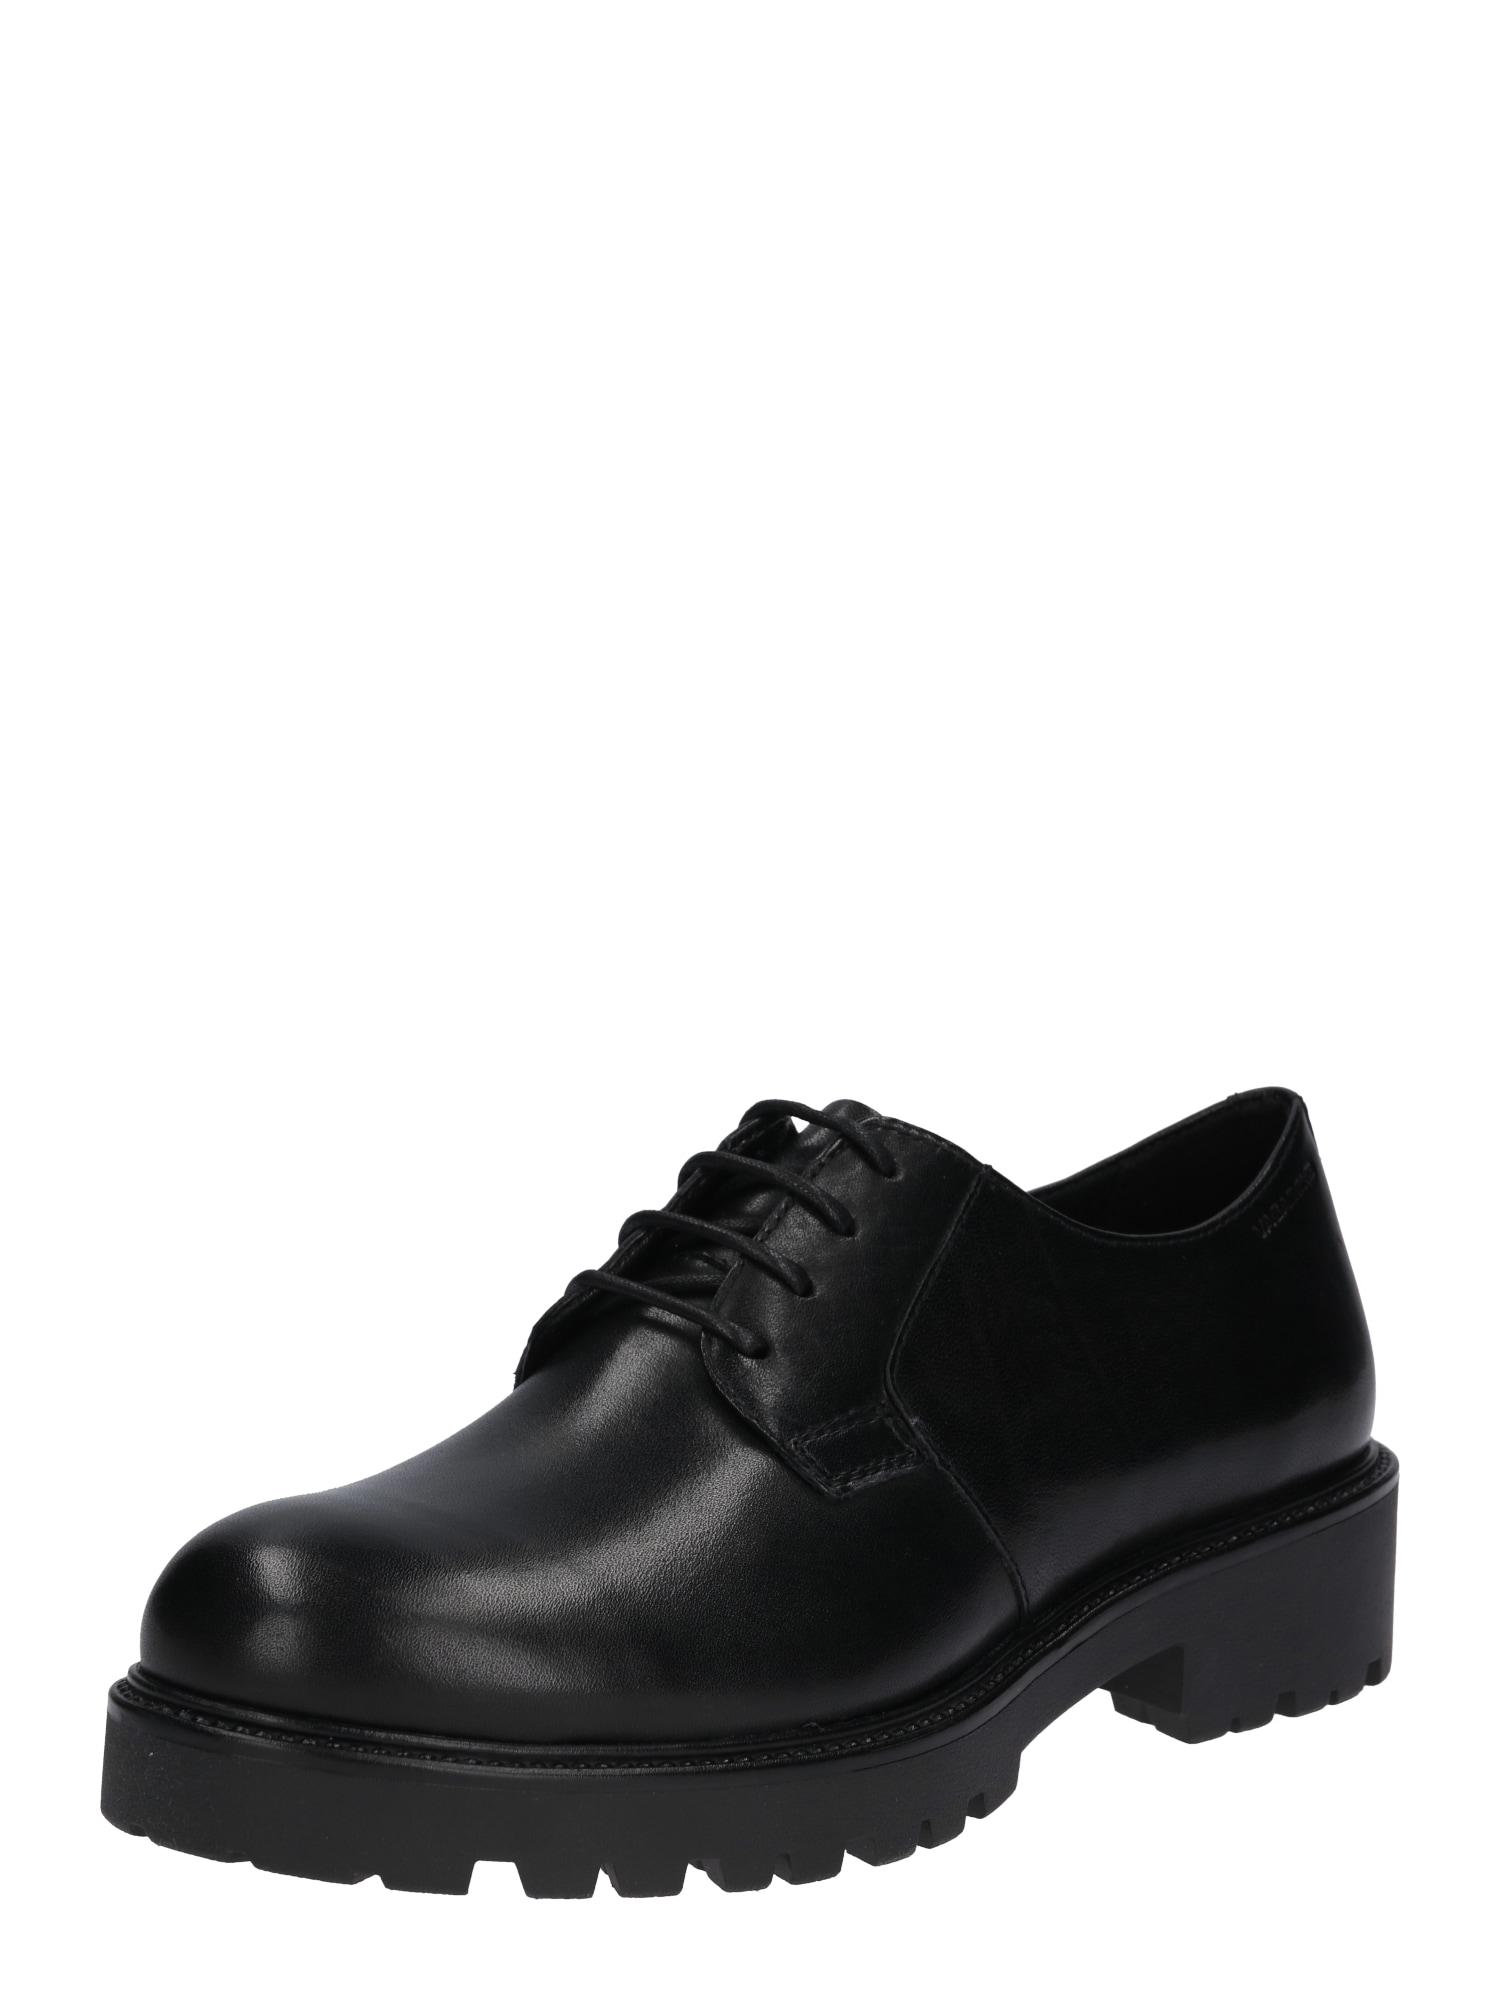 Šněrovací boty Kenova černá VAGABOND SHOEMAKERS